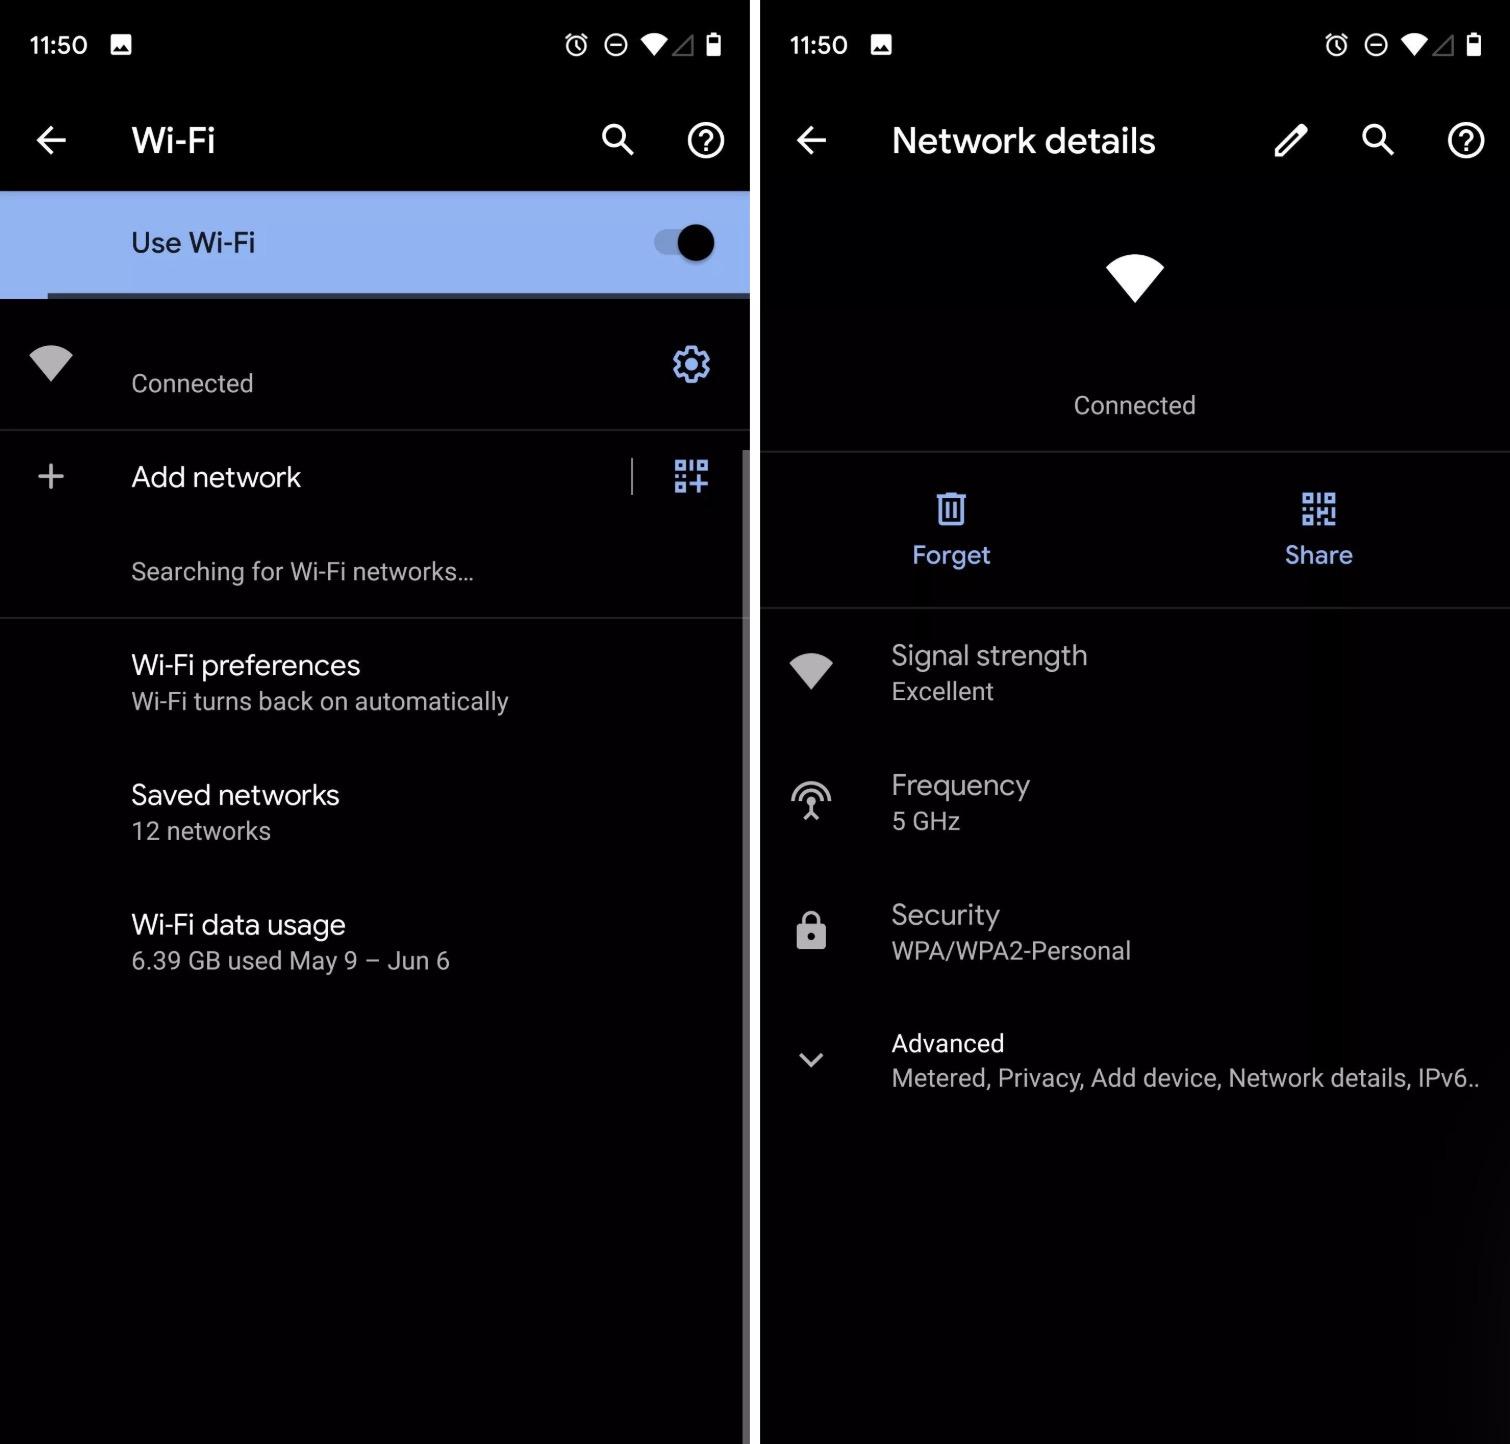 Android 10, Wi-Fi ağlarını bir QR koduyla paylaşmayı çok kolaylaştırıyor.